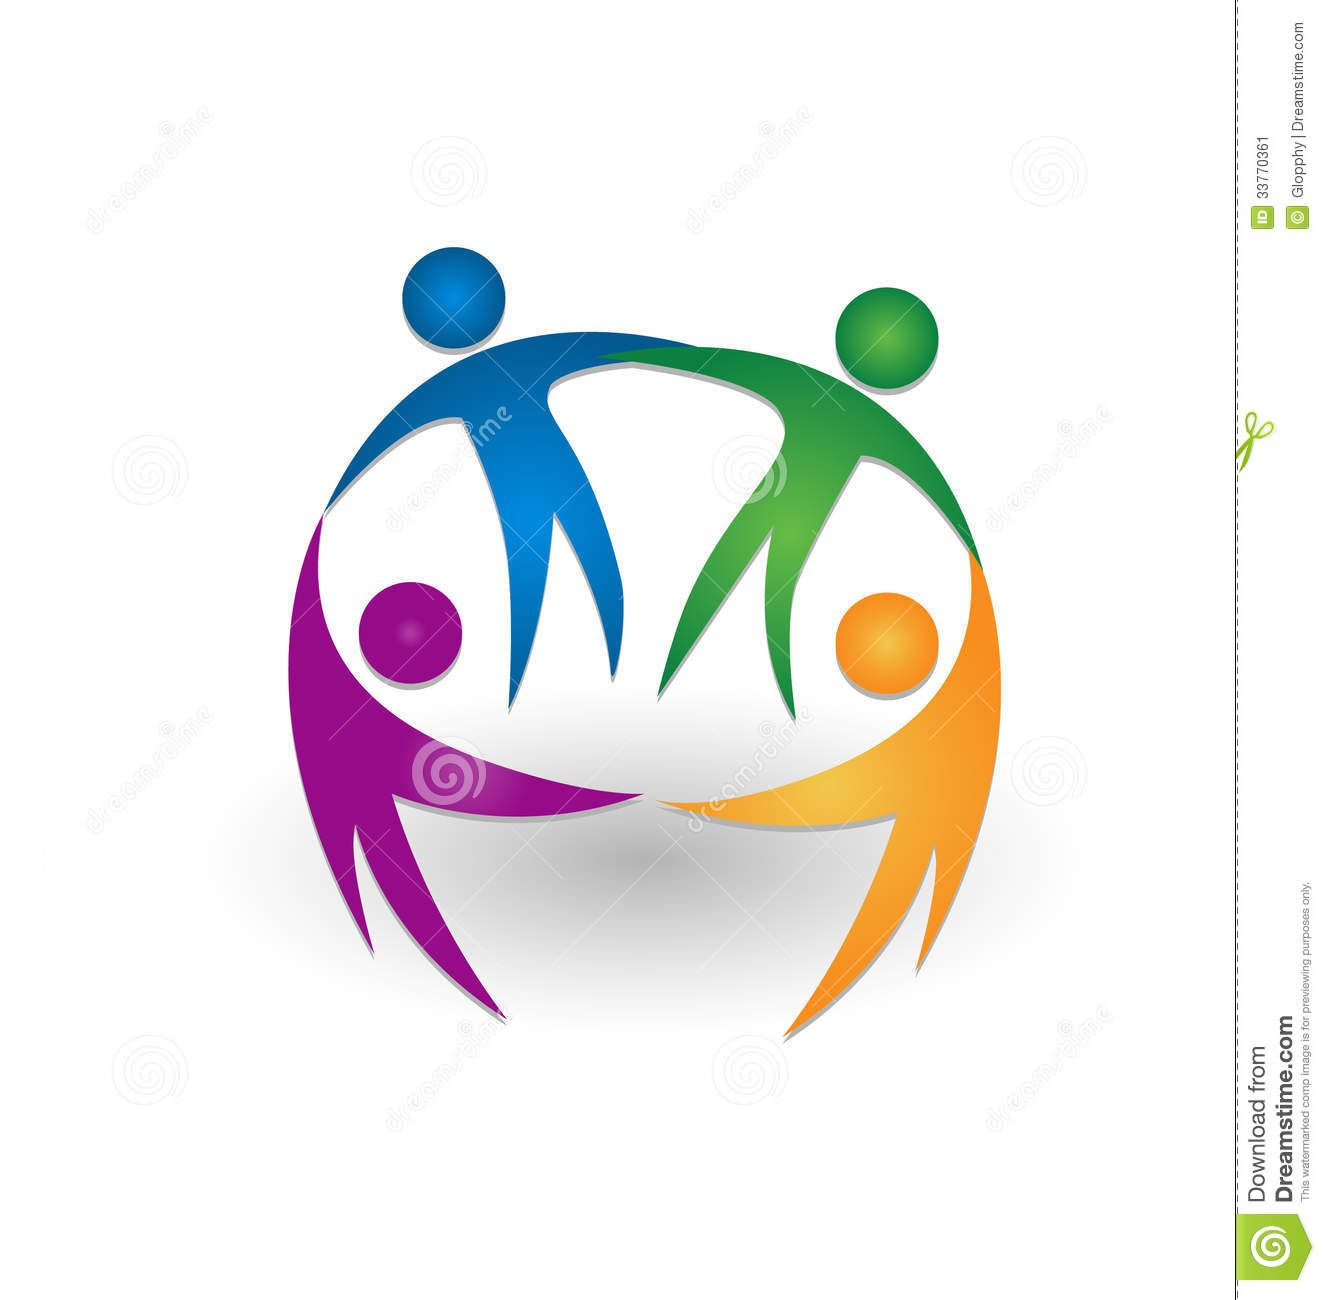 People together teamwork logo.